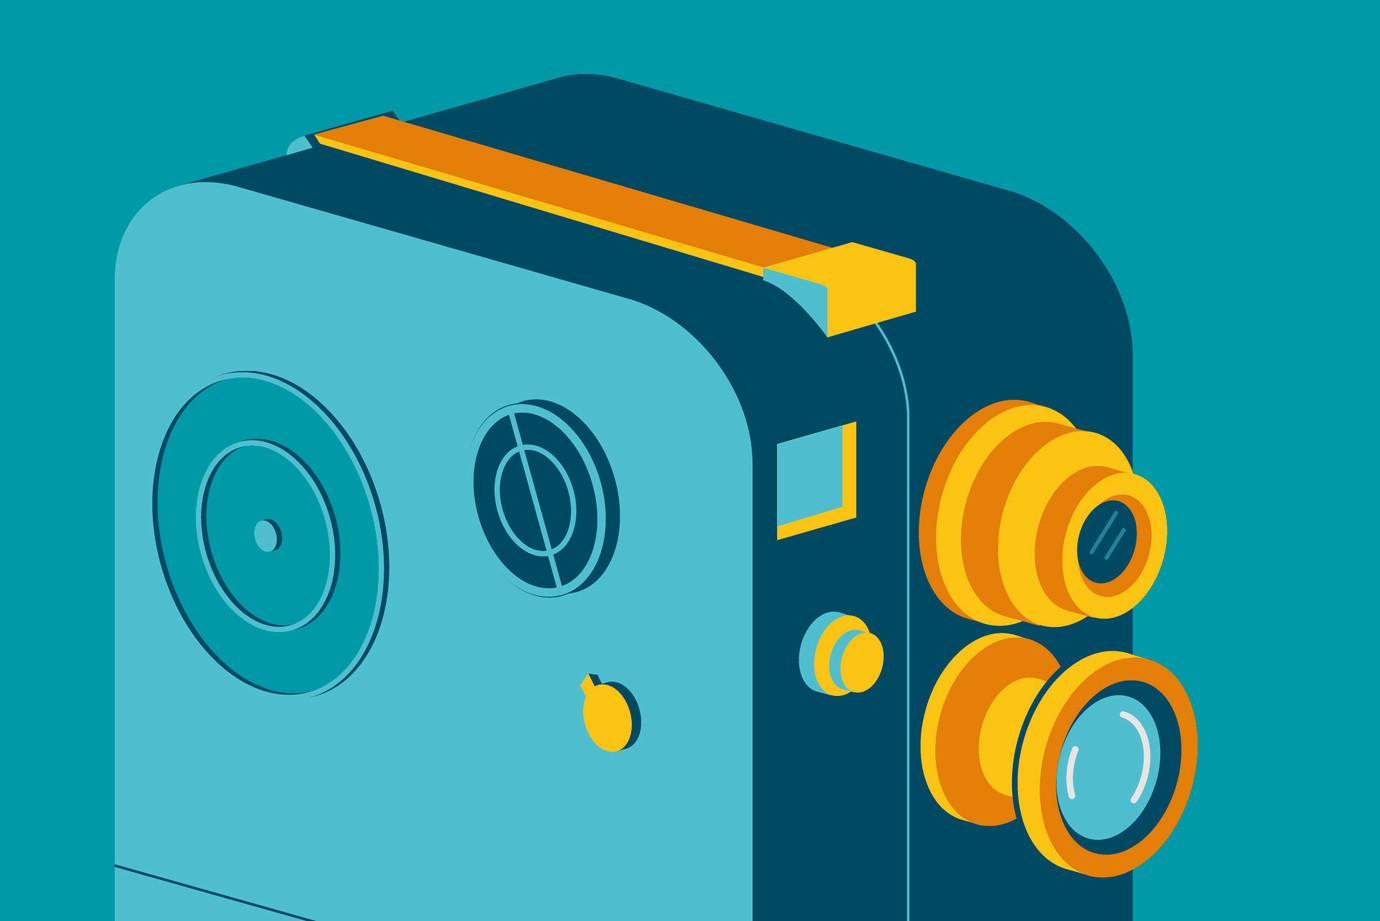 MUkFF_illustration_3.jpg